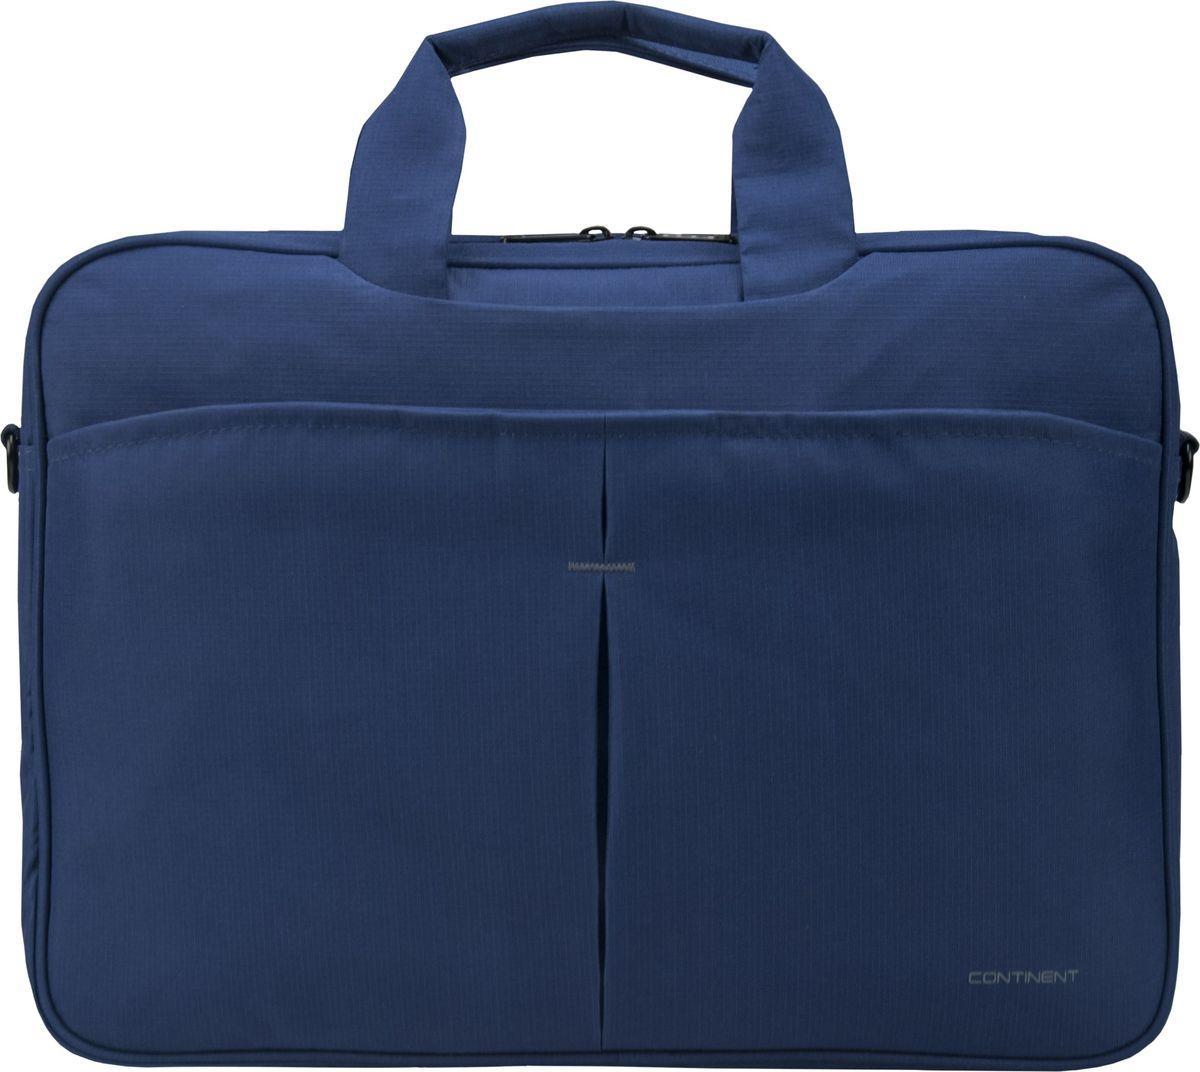 Continent CC-012, Blue сумка для ноутбука 15,600-10004Сумка для ноутбука Continent CC-012 изготовлена из прочного и водоотталкивающего материала - нейлона. Таким образом, используя модель Continent CC-012, вы можете переносить ноутбук даже в дождливую погоду. При этом влага не попадет внутрь устройства, если вы надежно застегнули молнию. На передней части чехла расположен большой карман, который разделен на две ровные части. Там вы можете хранить блокнот, телефон или ручки. Дополнительные предметы всегда будут у вас под рукой.